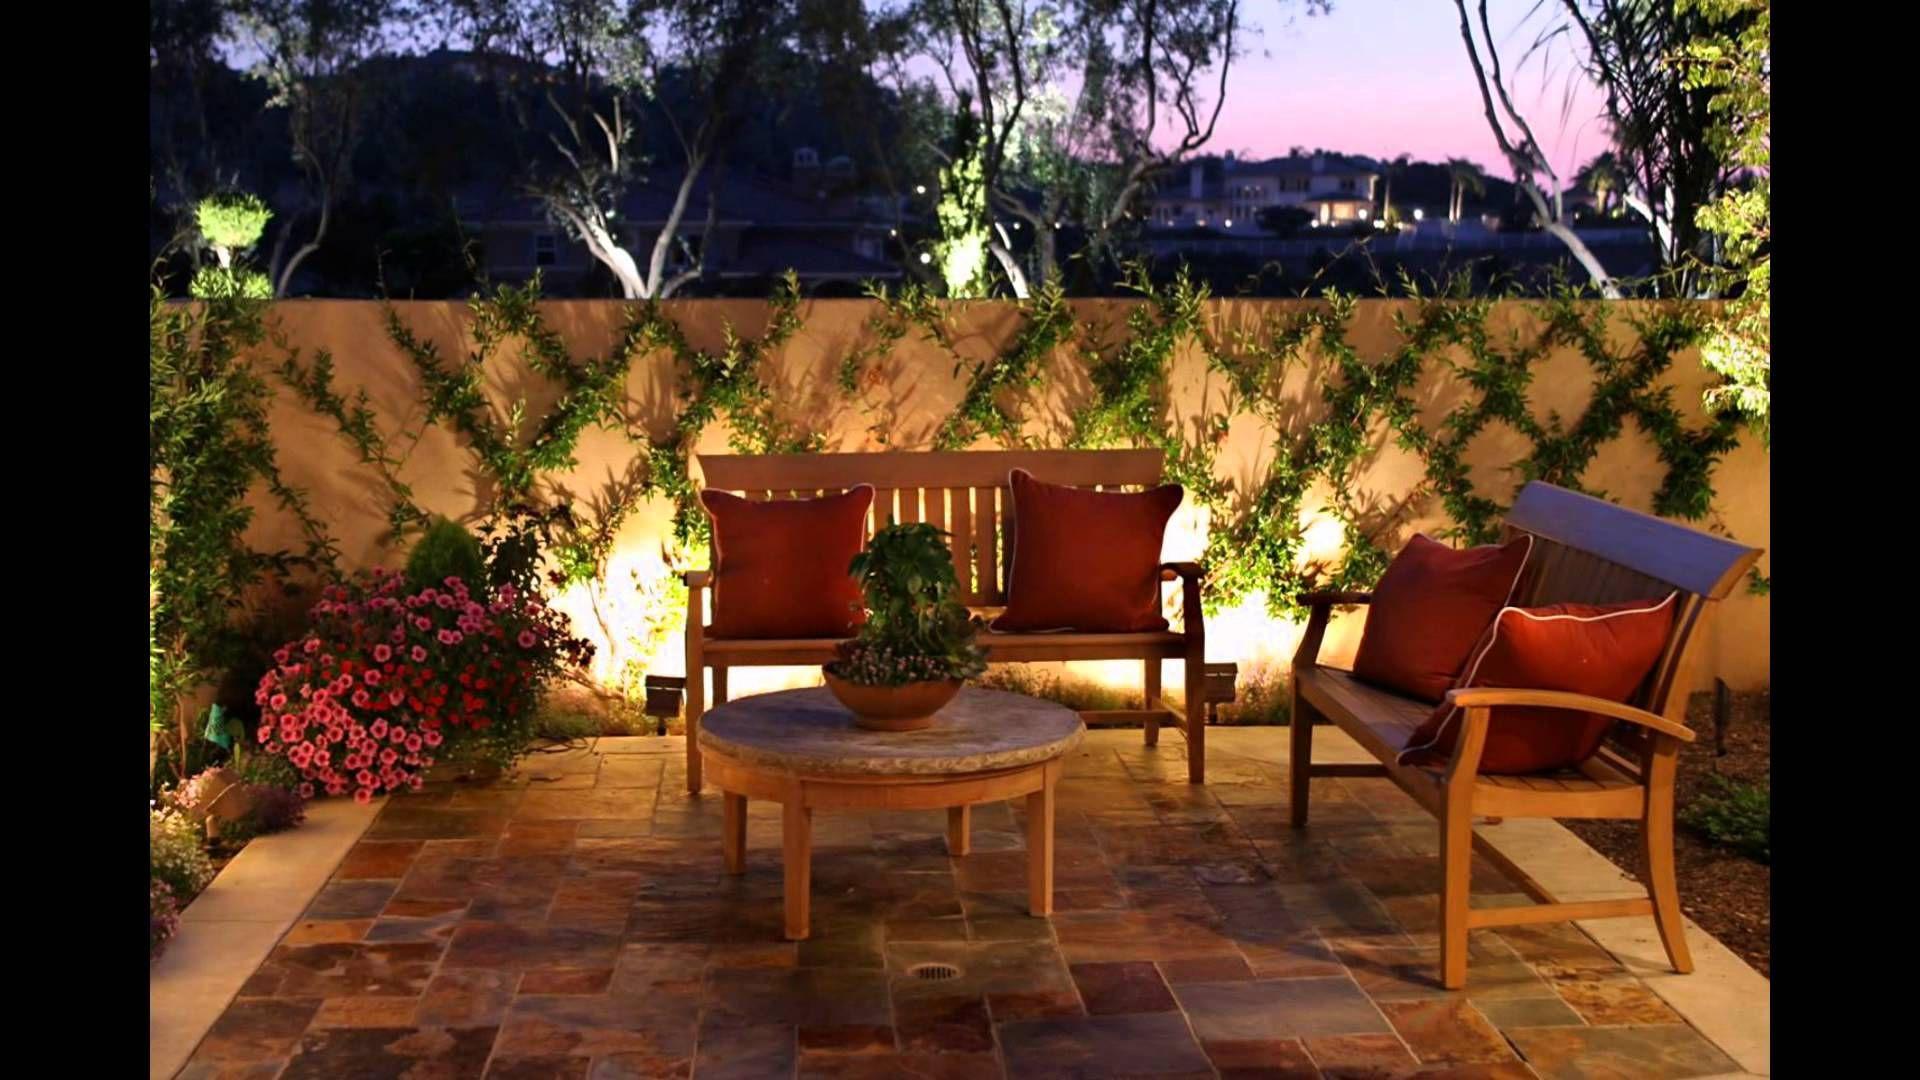 Image Result For Backyard Lighting Ideas Rustic Garden Lighting Landscape Lighting Design Garden Lighting Design